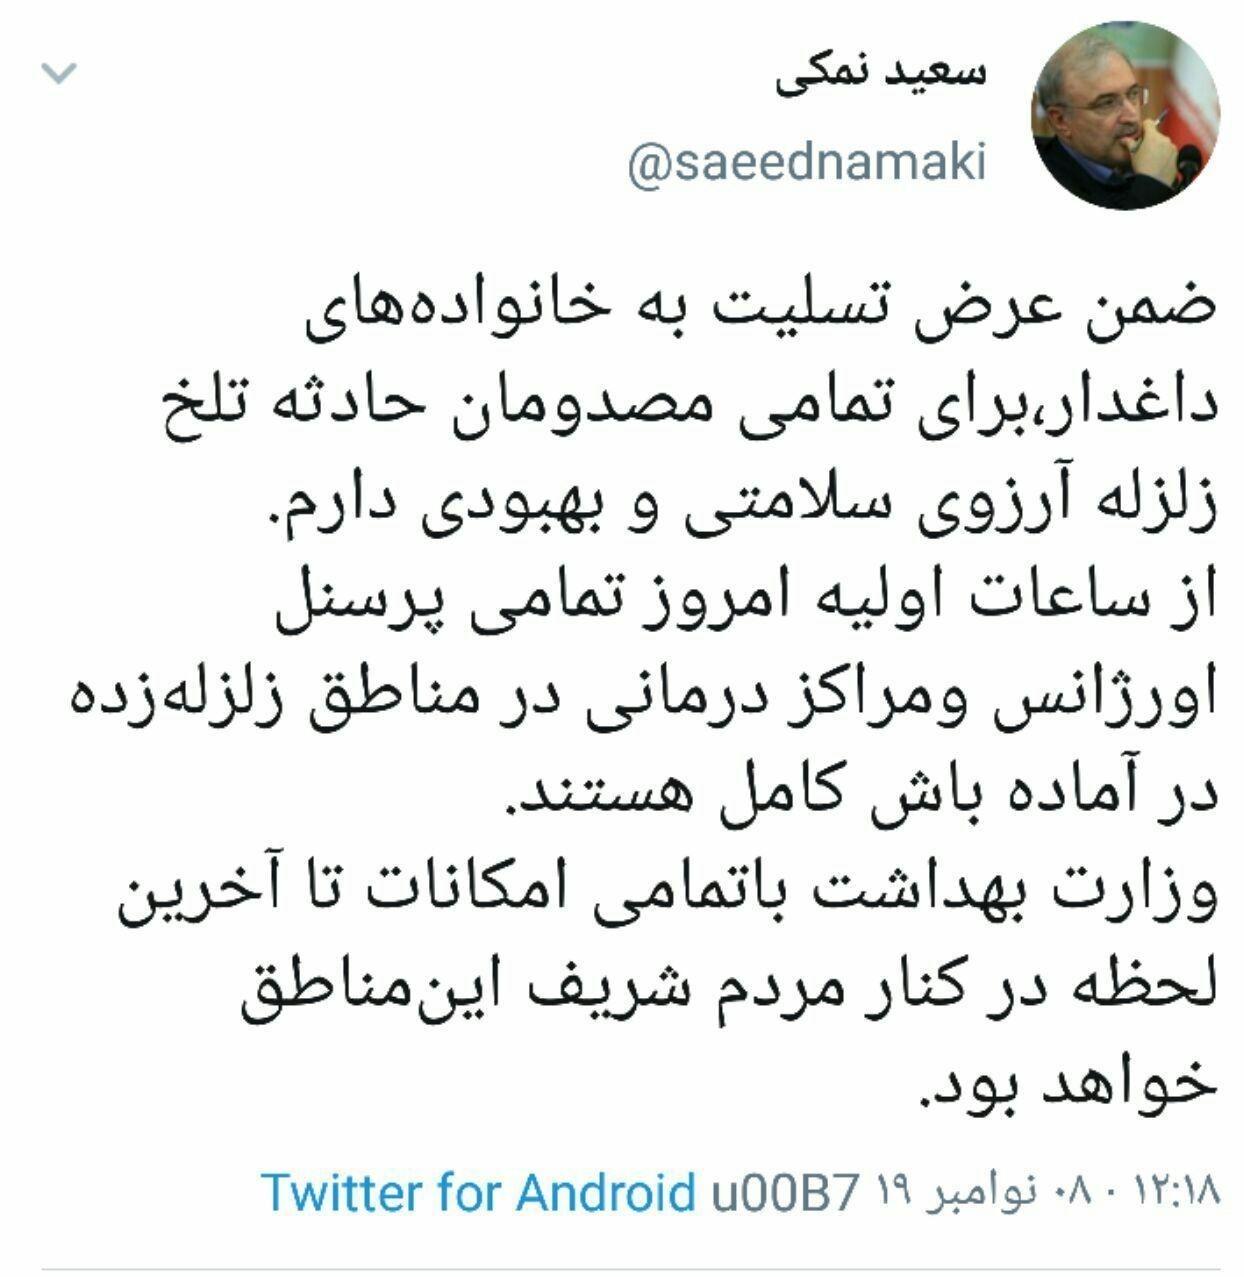 زلزله , وزارت بهداشت، درمان و آموزش پزشکی جمهوری اسلامی ایران , سعید نمکی ,